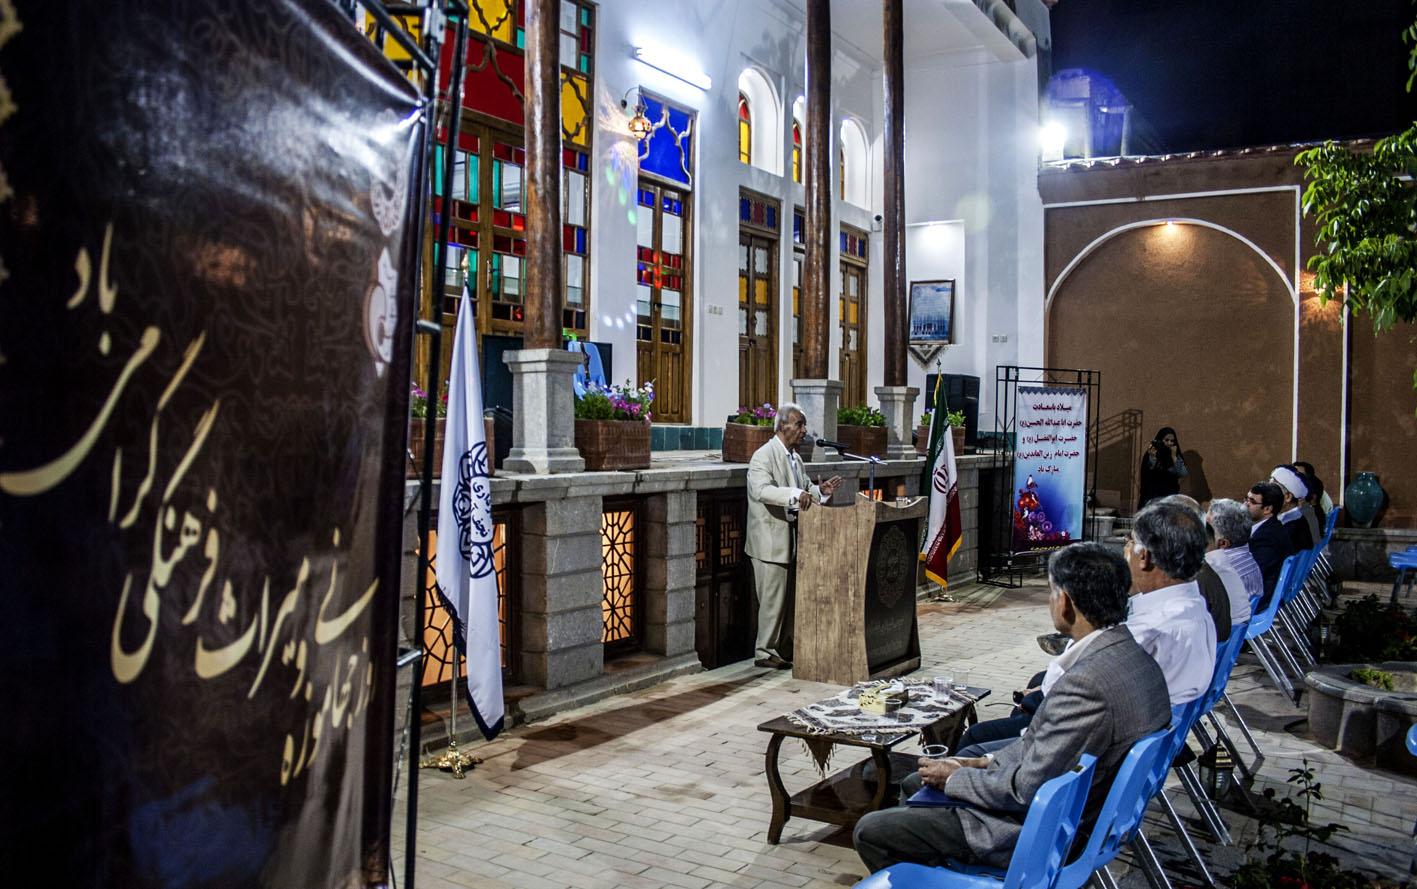 اولین تجلیل از مجموعه داران اشیاء تاریخی در نجف آباد+ گزارش تصویری